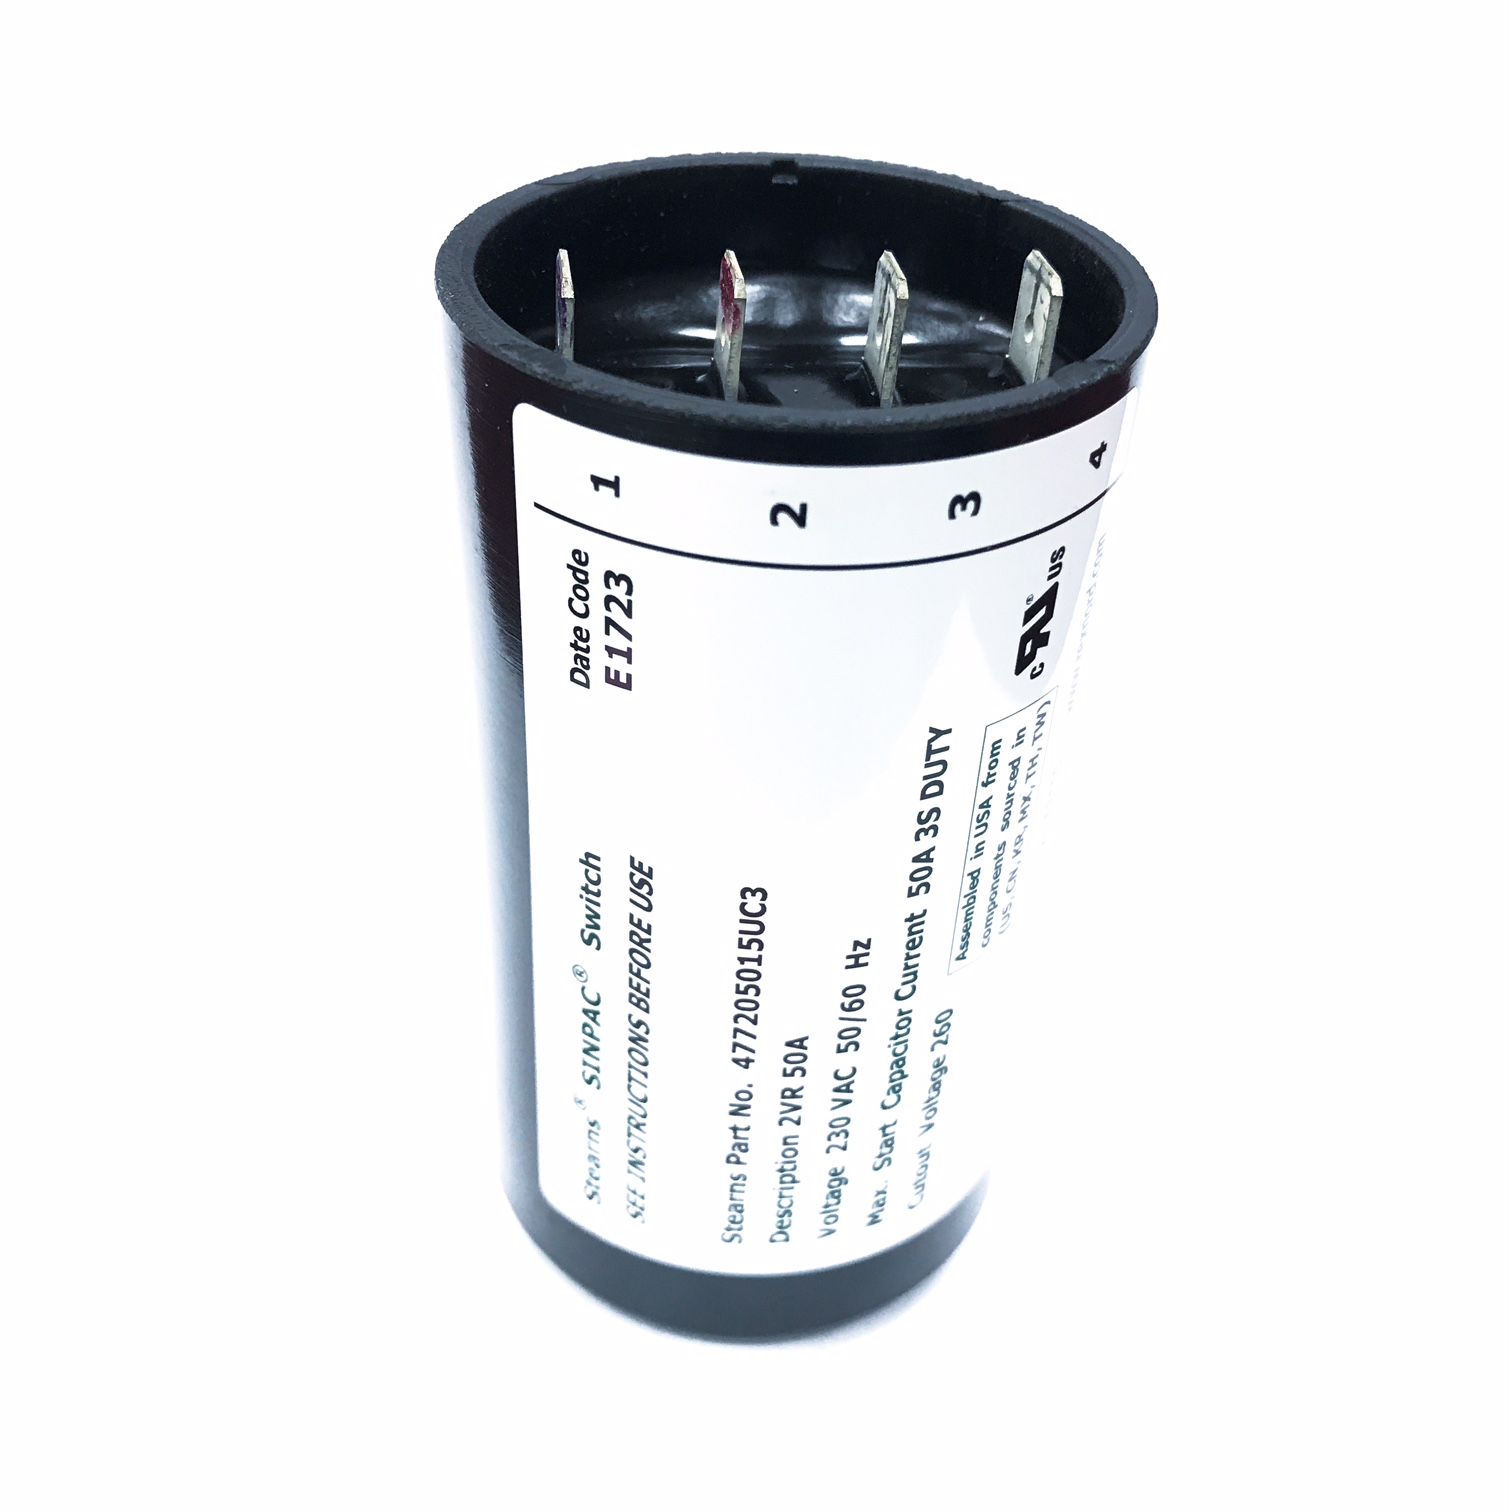 medium resolution of wrg 1641 sentria kirby on off switch wiring diagram sentria kirby on off switch wiring diagram